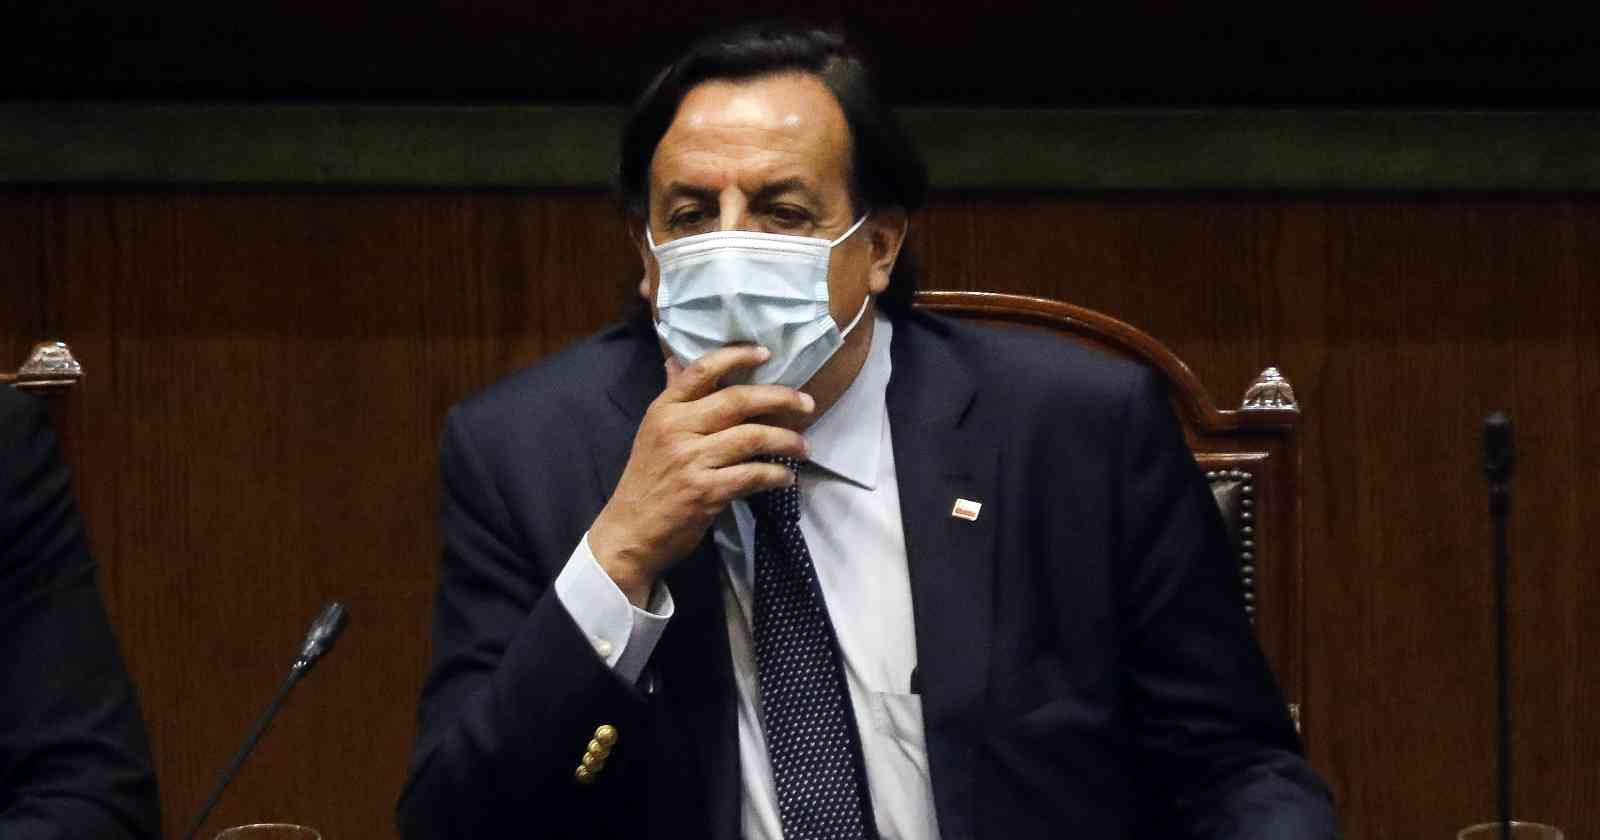 Diputados declaran admisible acusación contra Víctor Pérez y queda suspendido de Interior